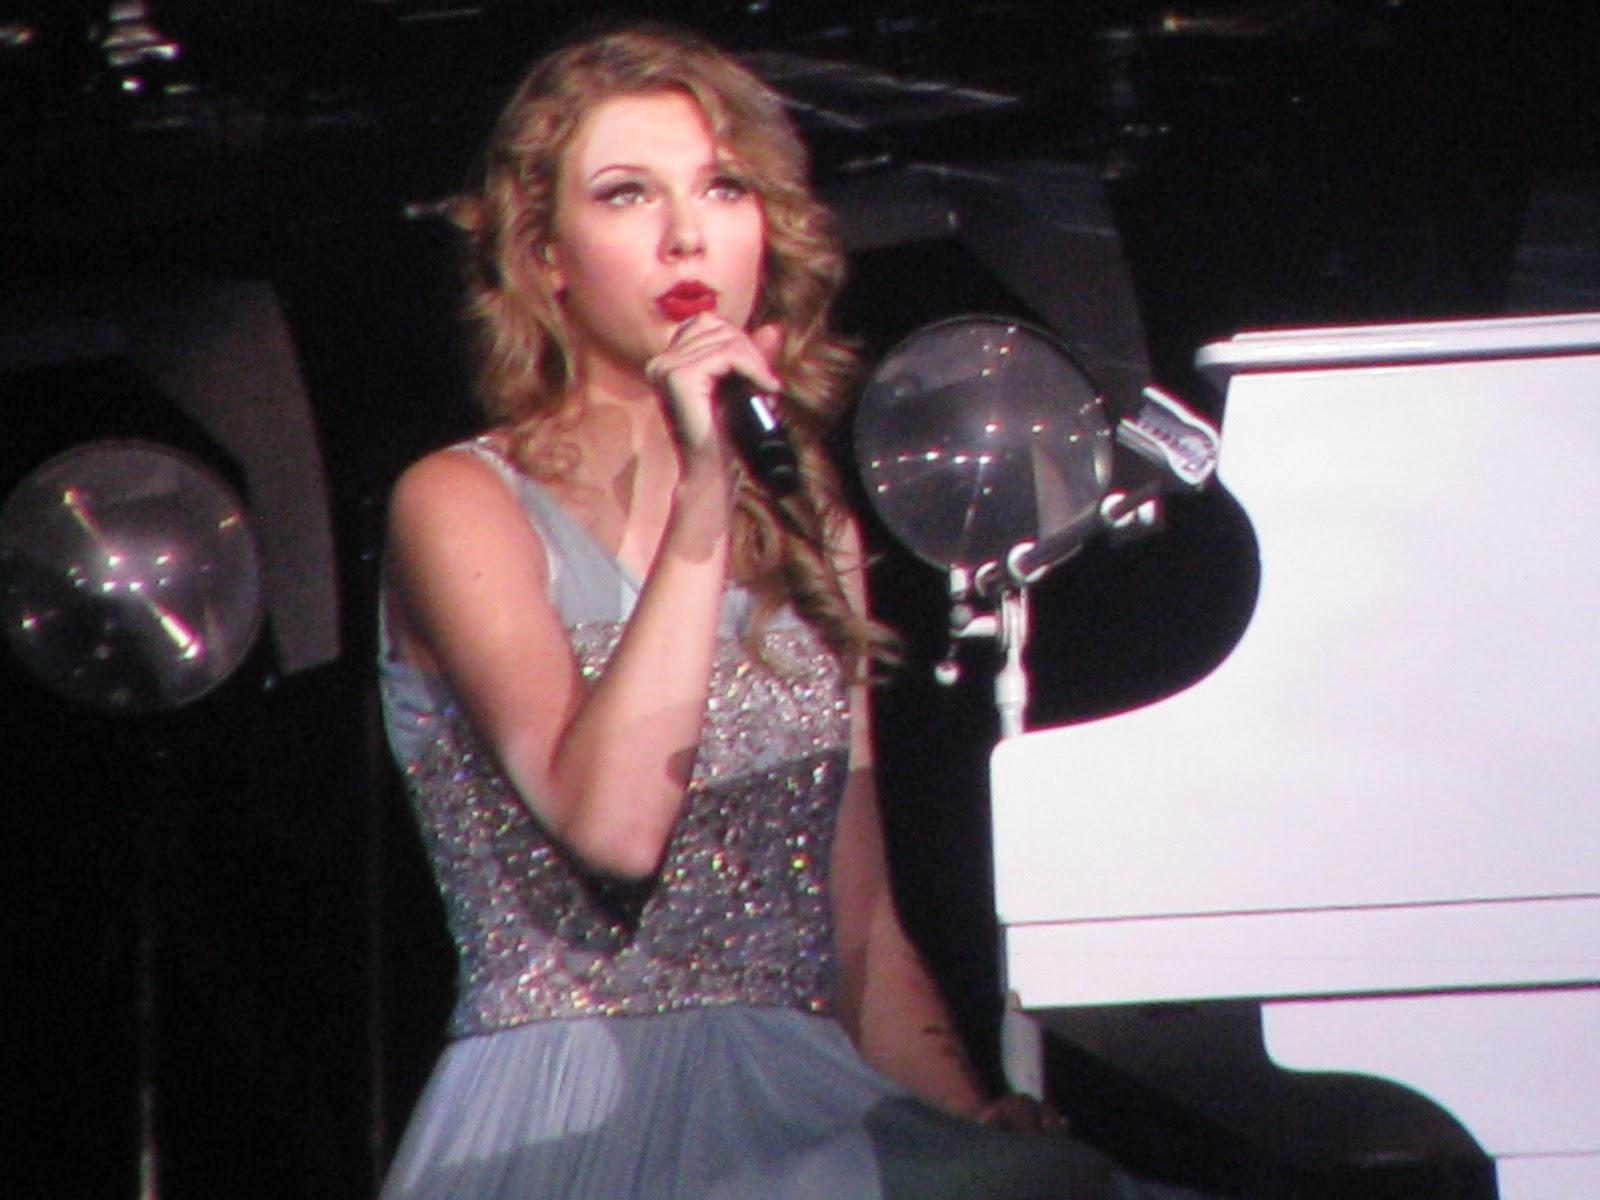 http://2.bp.blogspot.com/-z8Qe4k-QsZM/TqL7mpECeeI/AAAAAAAAGP4/pNLzTWQI8Jo/s1600/Taylor+Swift+1929.JPG